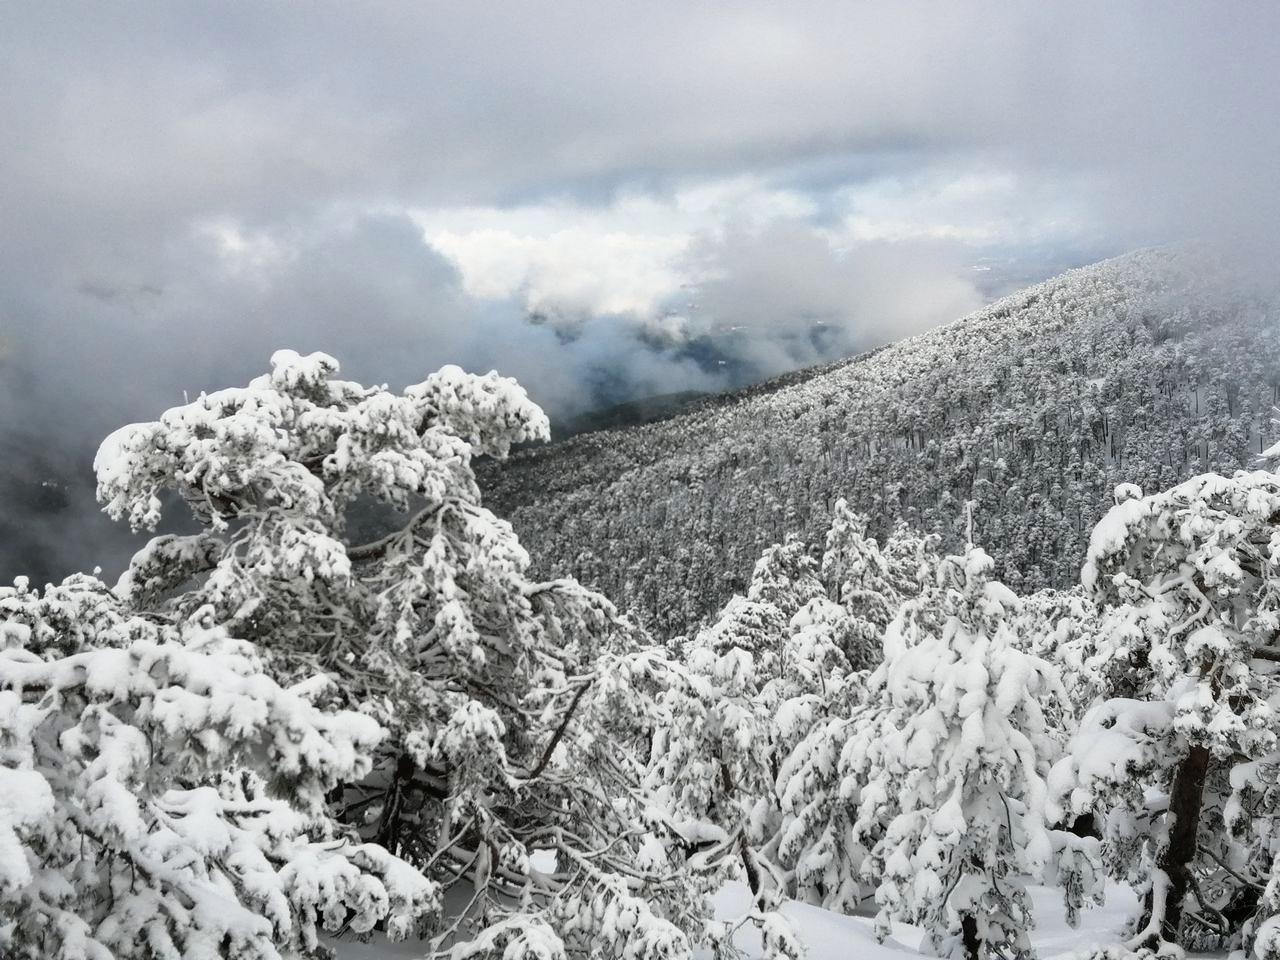 Aunque el día empezó muy nublado, al final se despejó y tuvimos unas vistas espectaculares de la Sierra de Guadarrama.